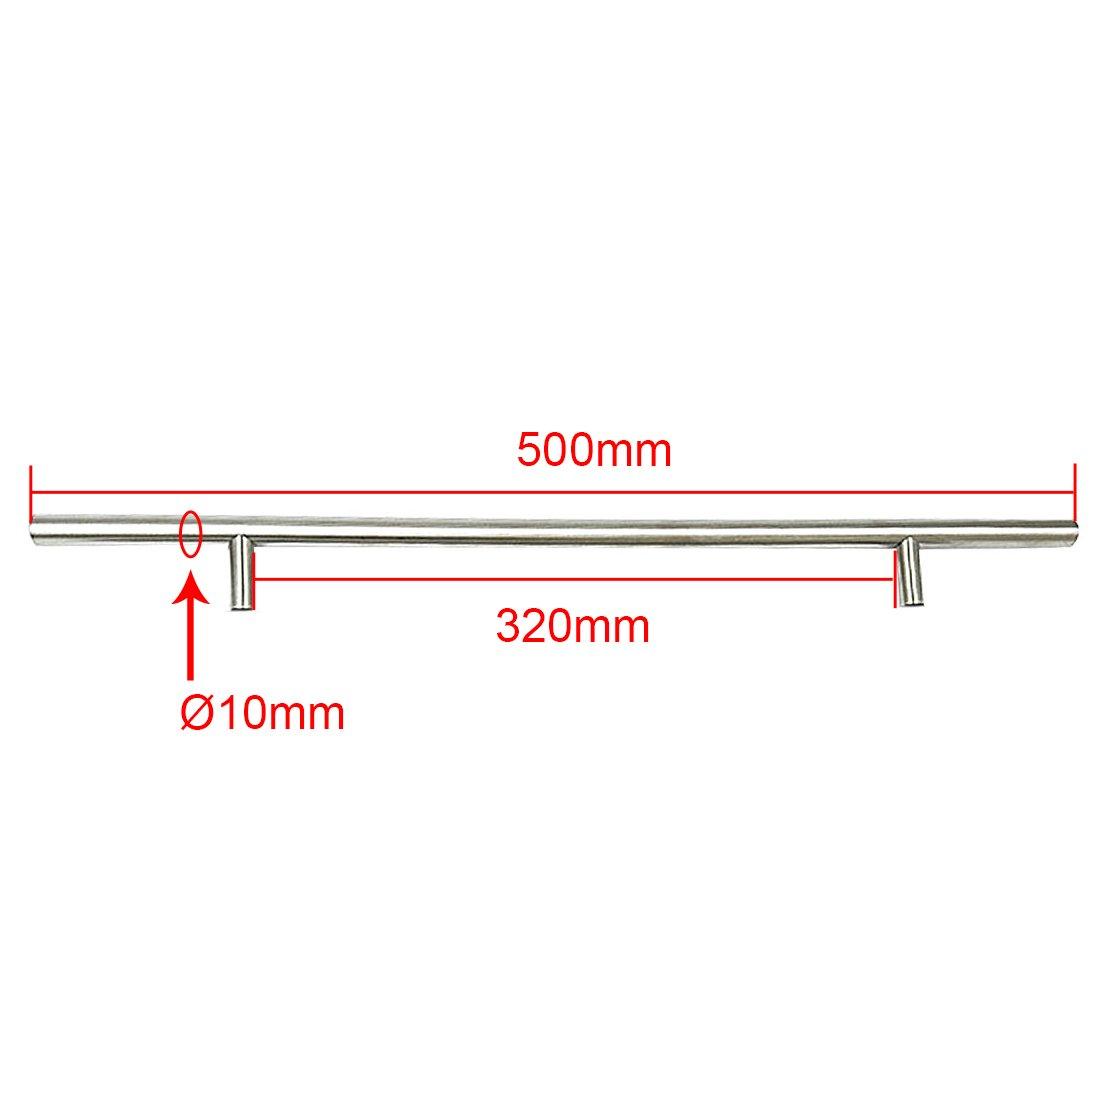 Tirador de la manija de la barra T Di/ámetro de la perilla tirador de la puerta de la cocina del acero inoxidable de 10mm 64 100mm